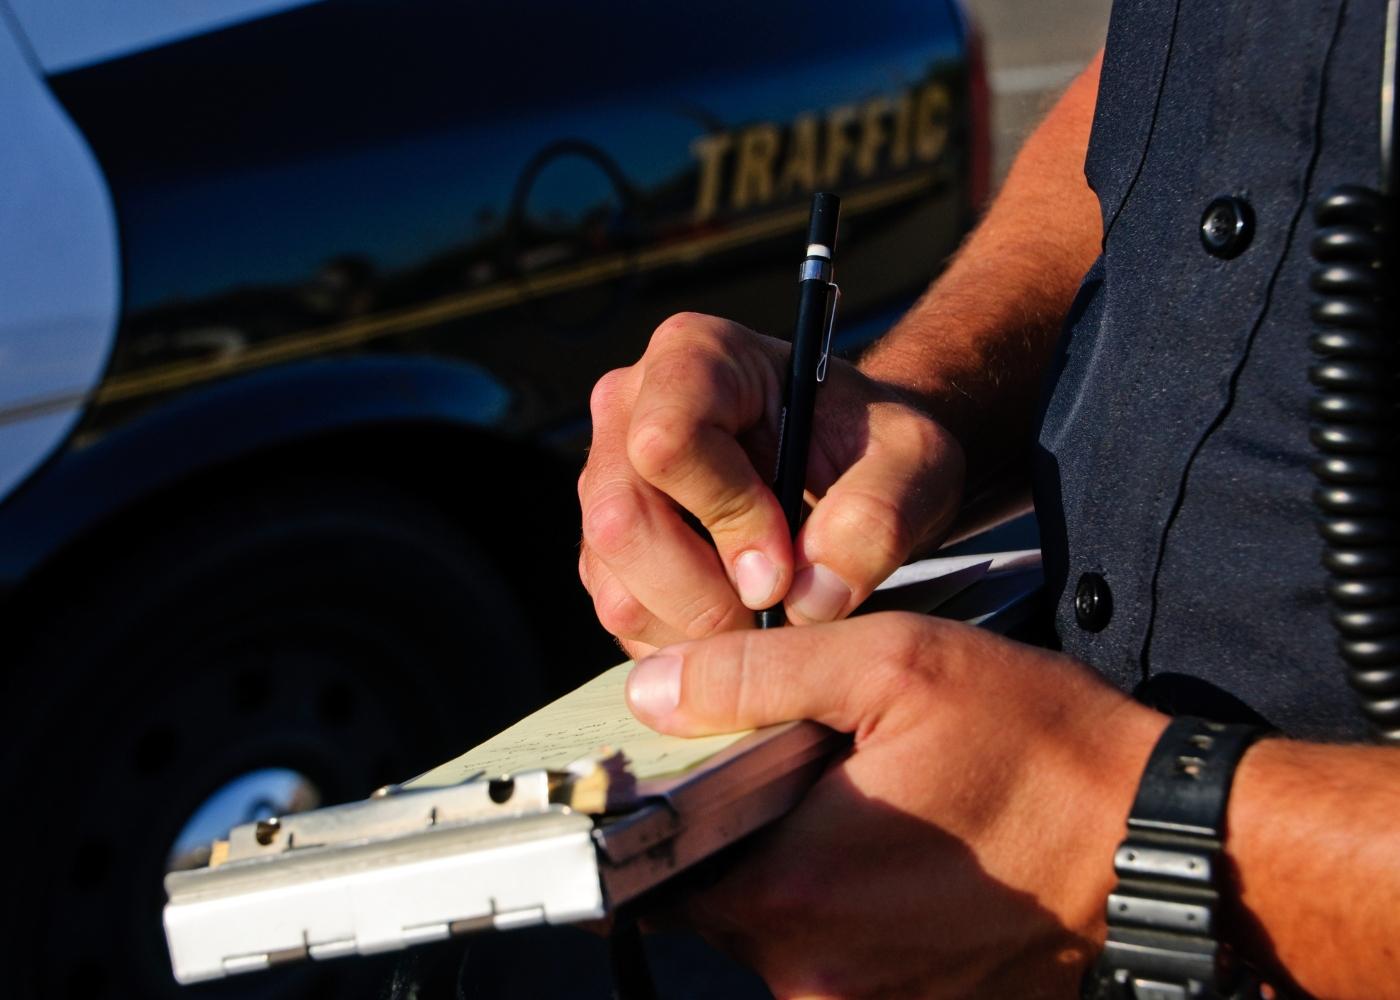 polícia a passar multa de trânsito